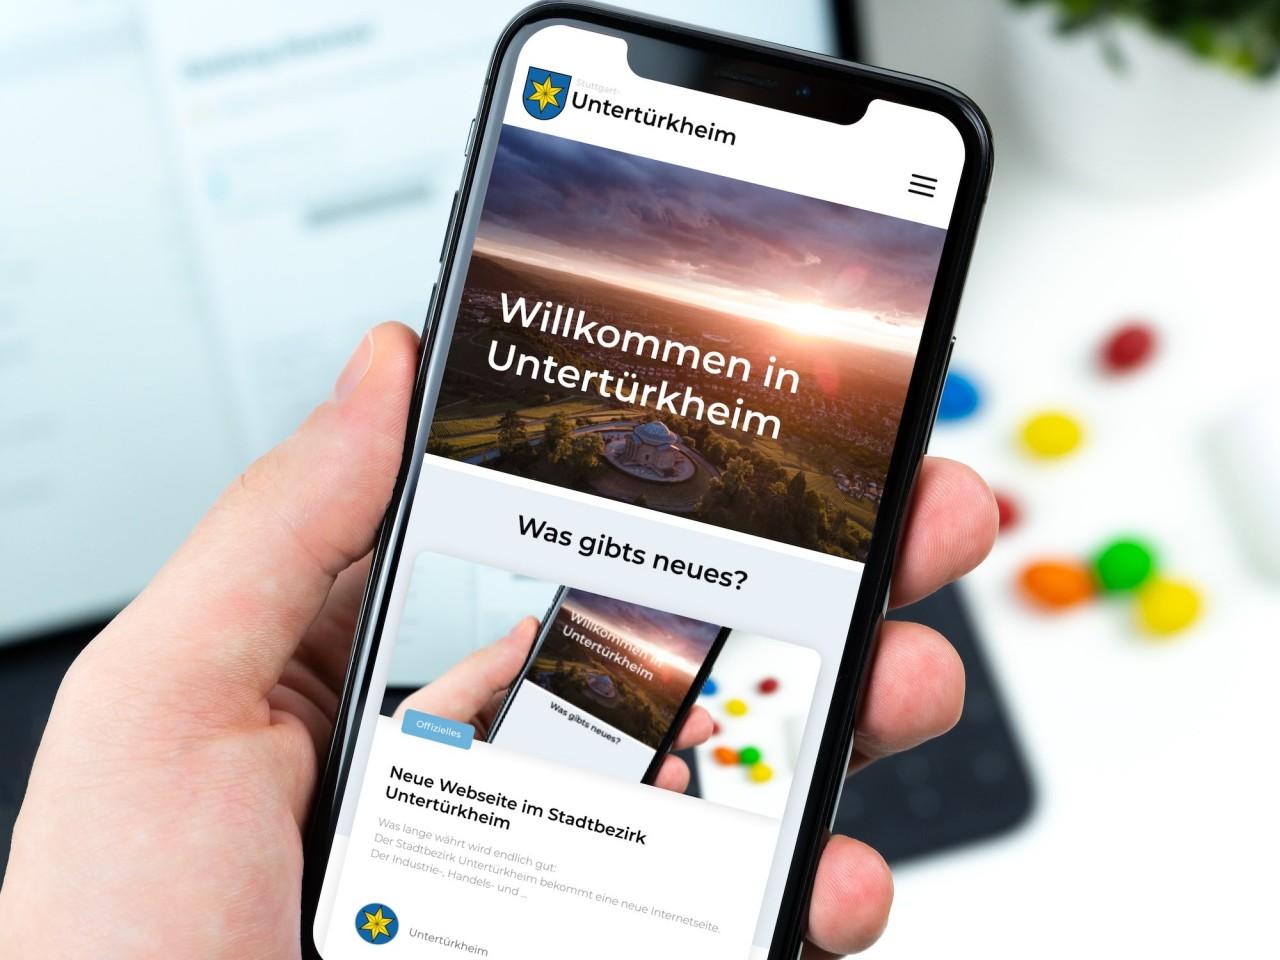 Neue Webseite für Untertürkheim ist online!